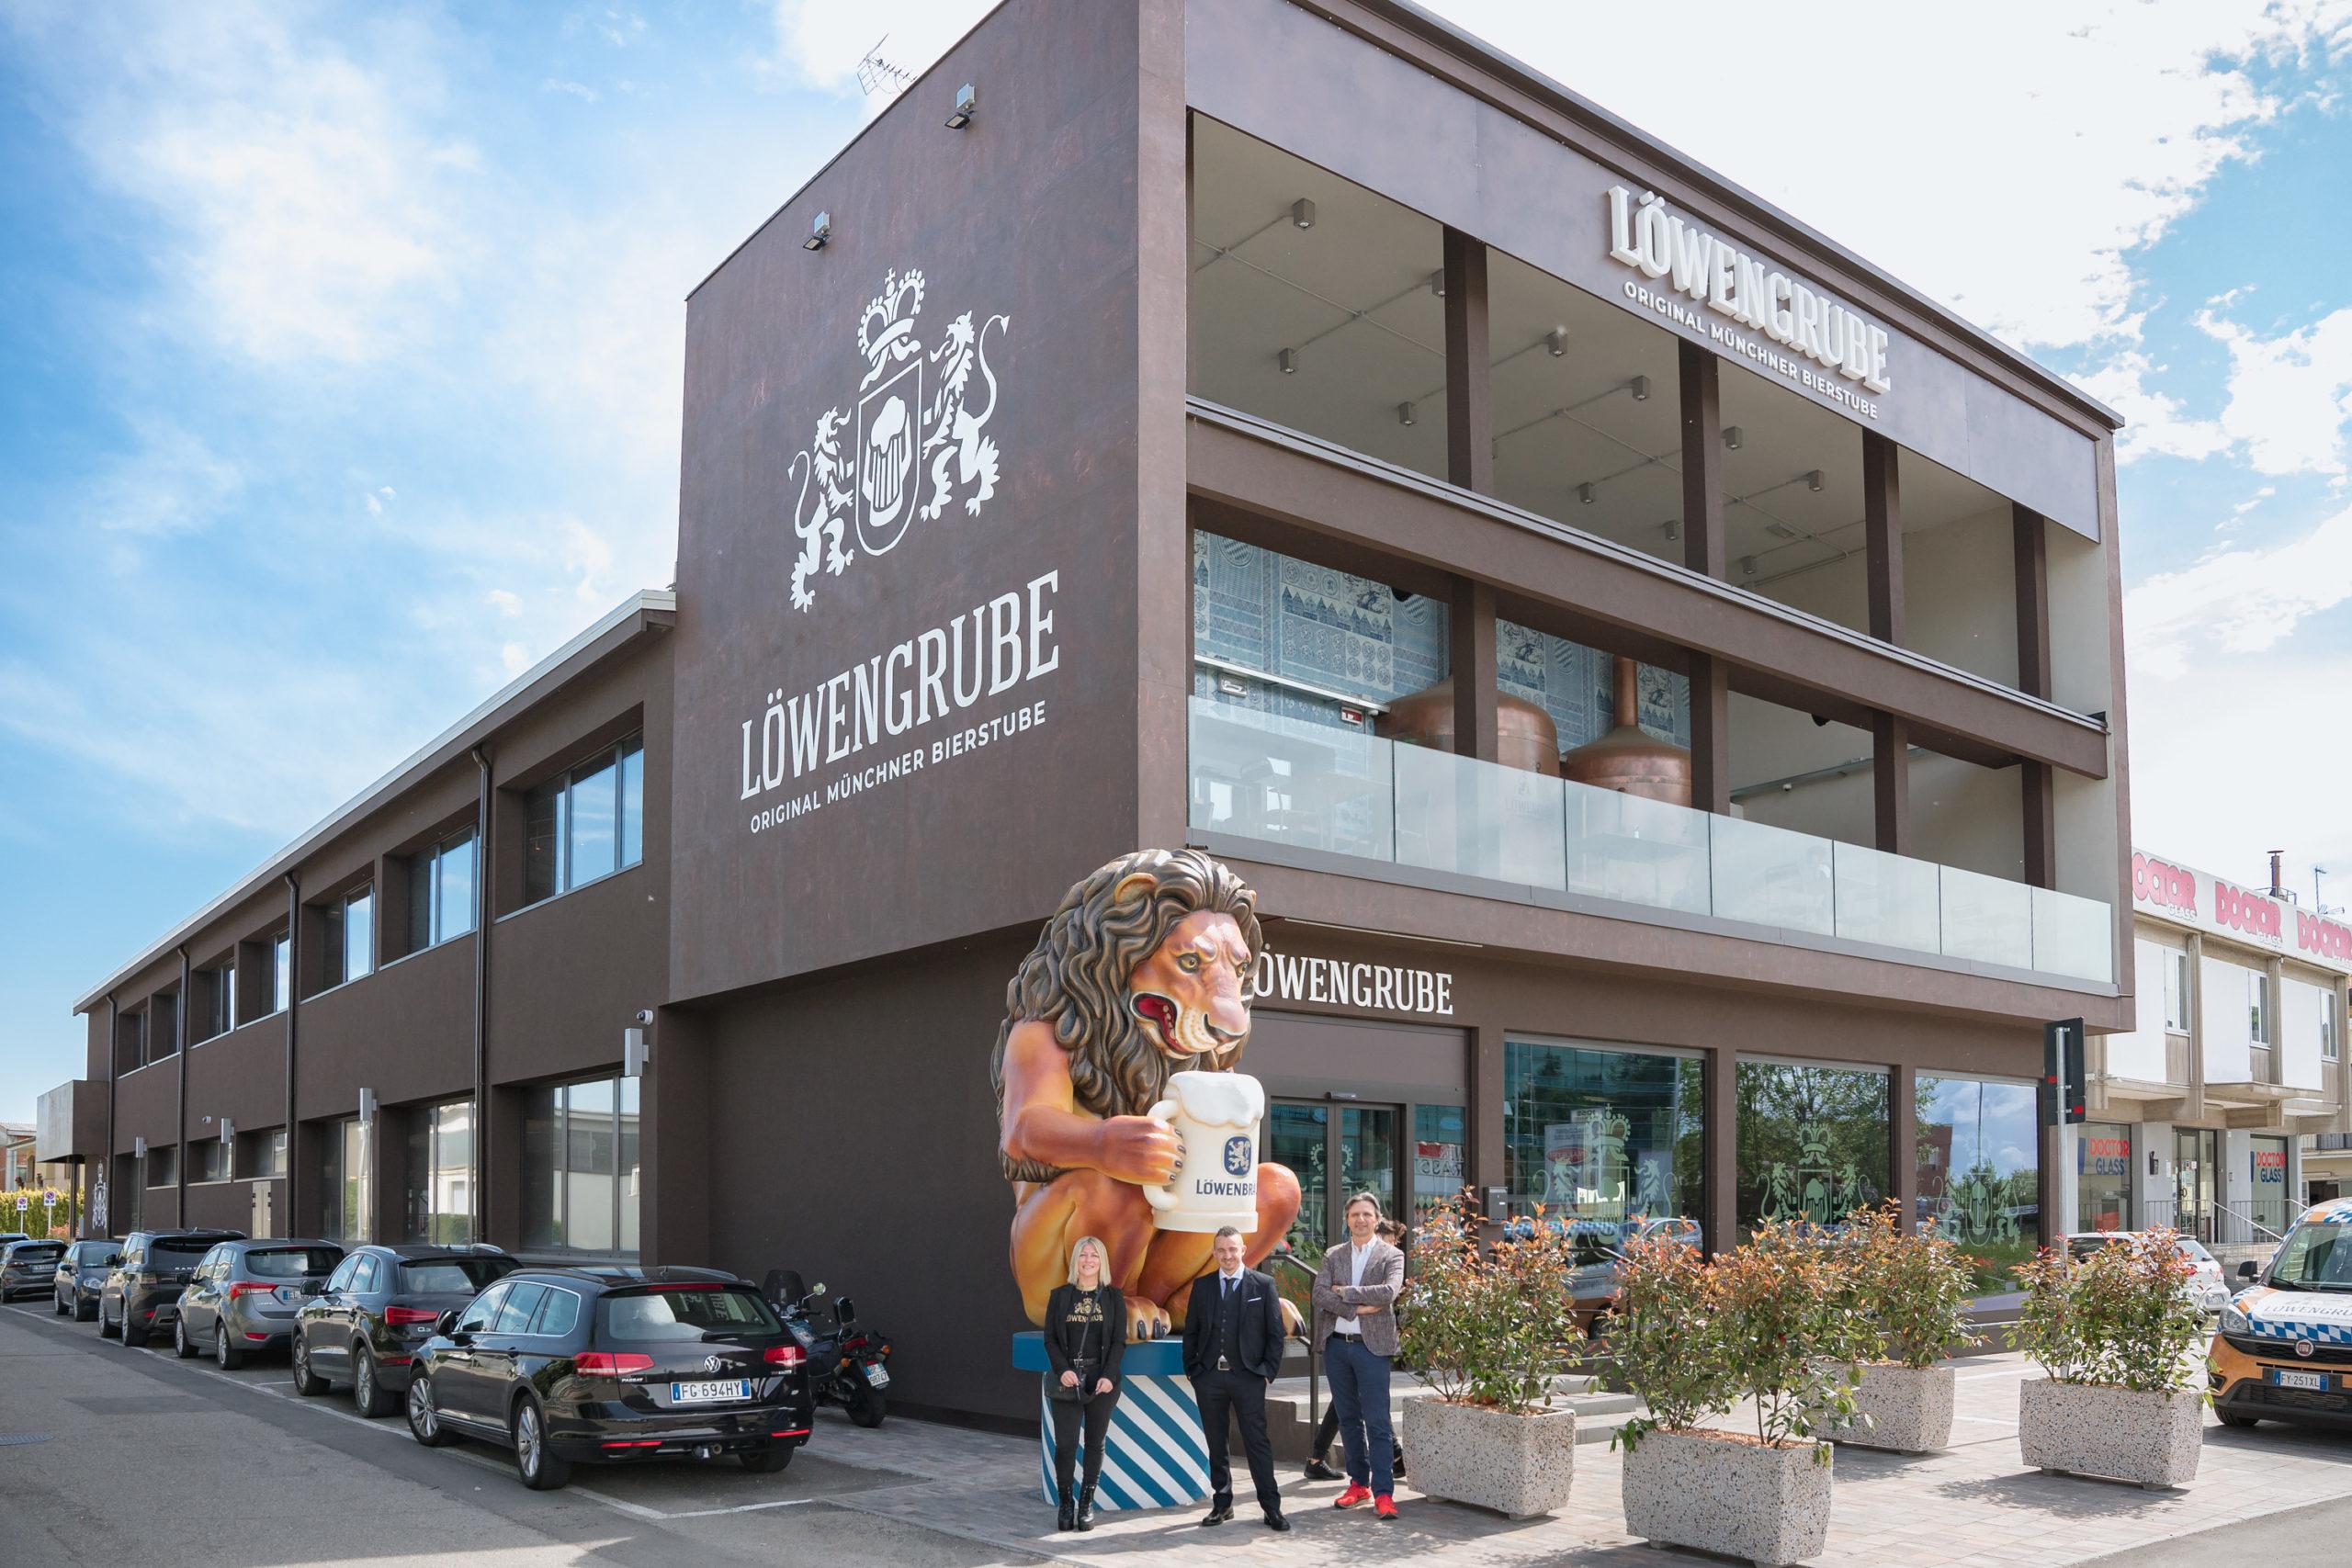 Apre la terza stube Löwengrube in Emilia Romagna, dopo quelle di Bologna e Modena!